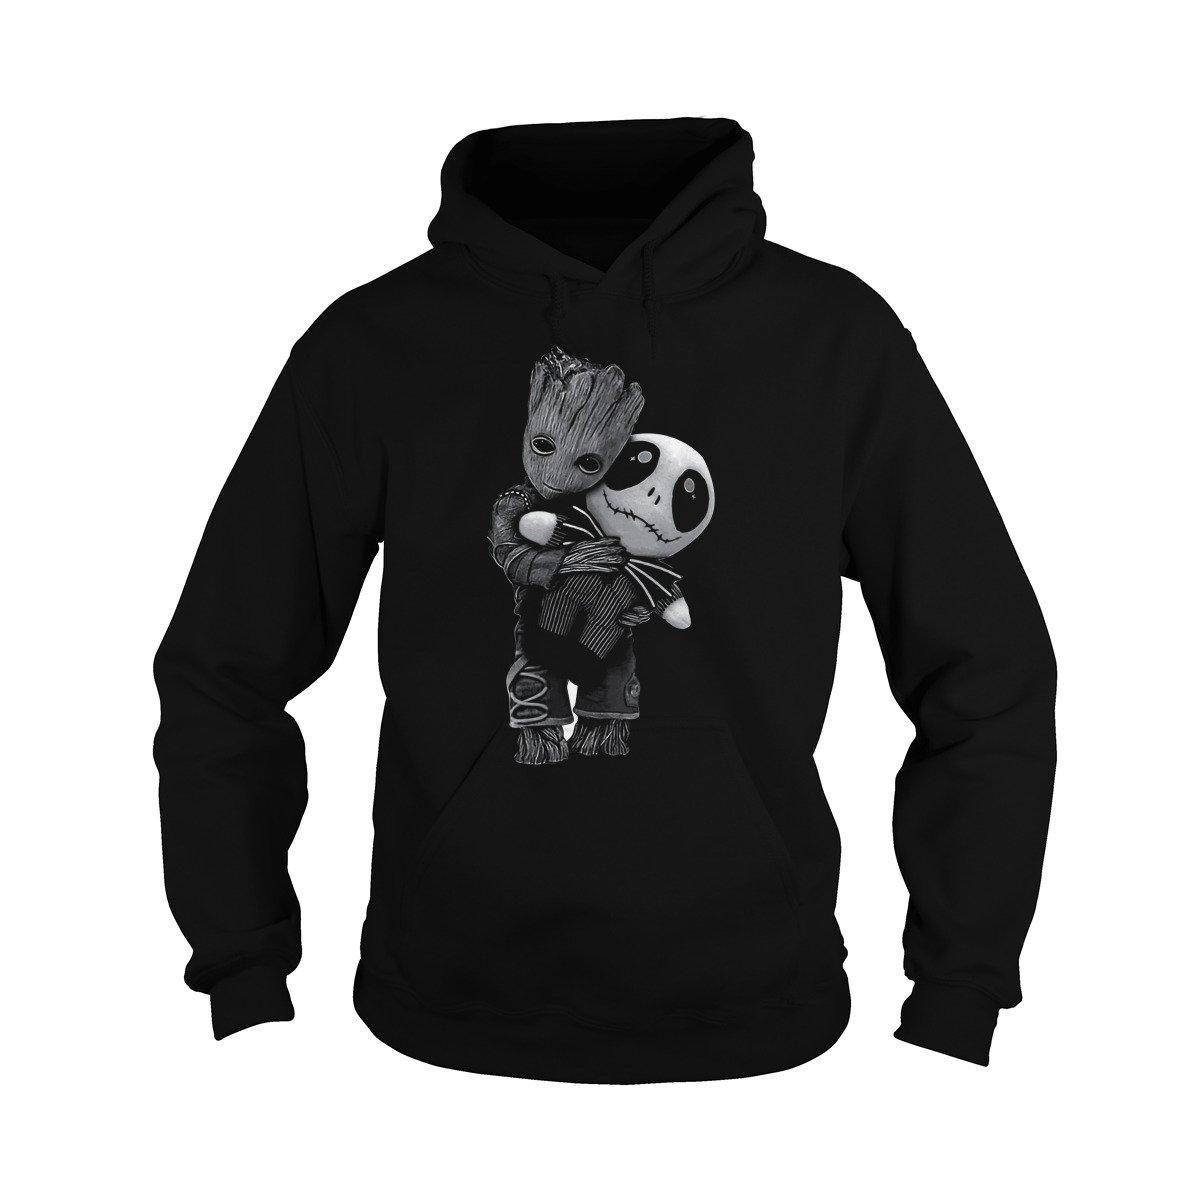 Unisex Baby Groot Hugs Jack Skellington Hoodie (L, Black)